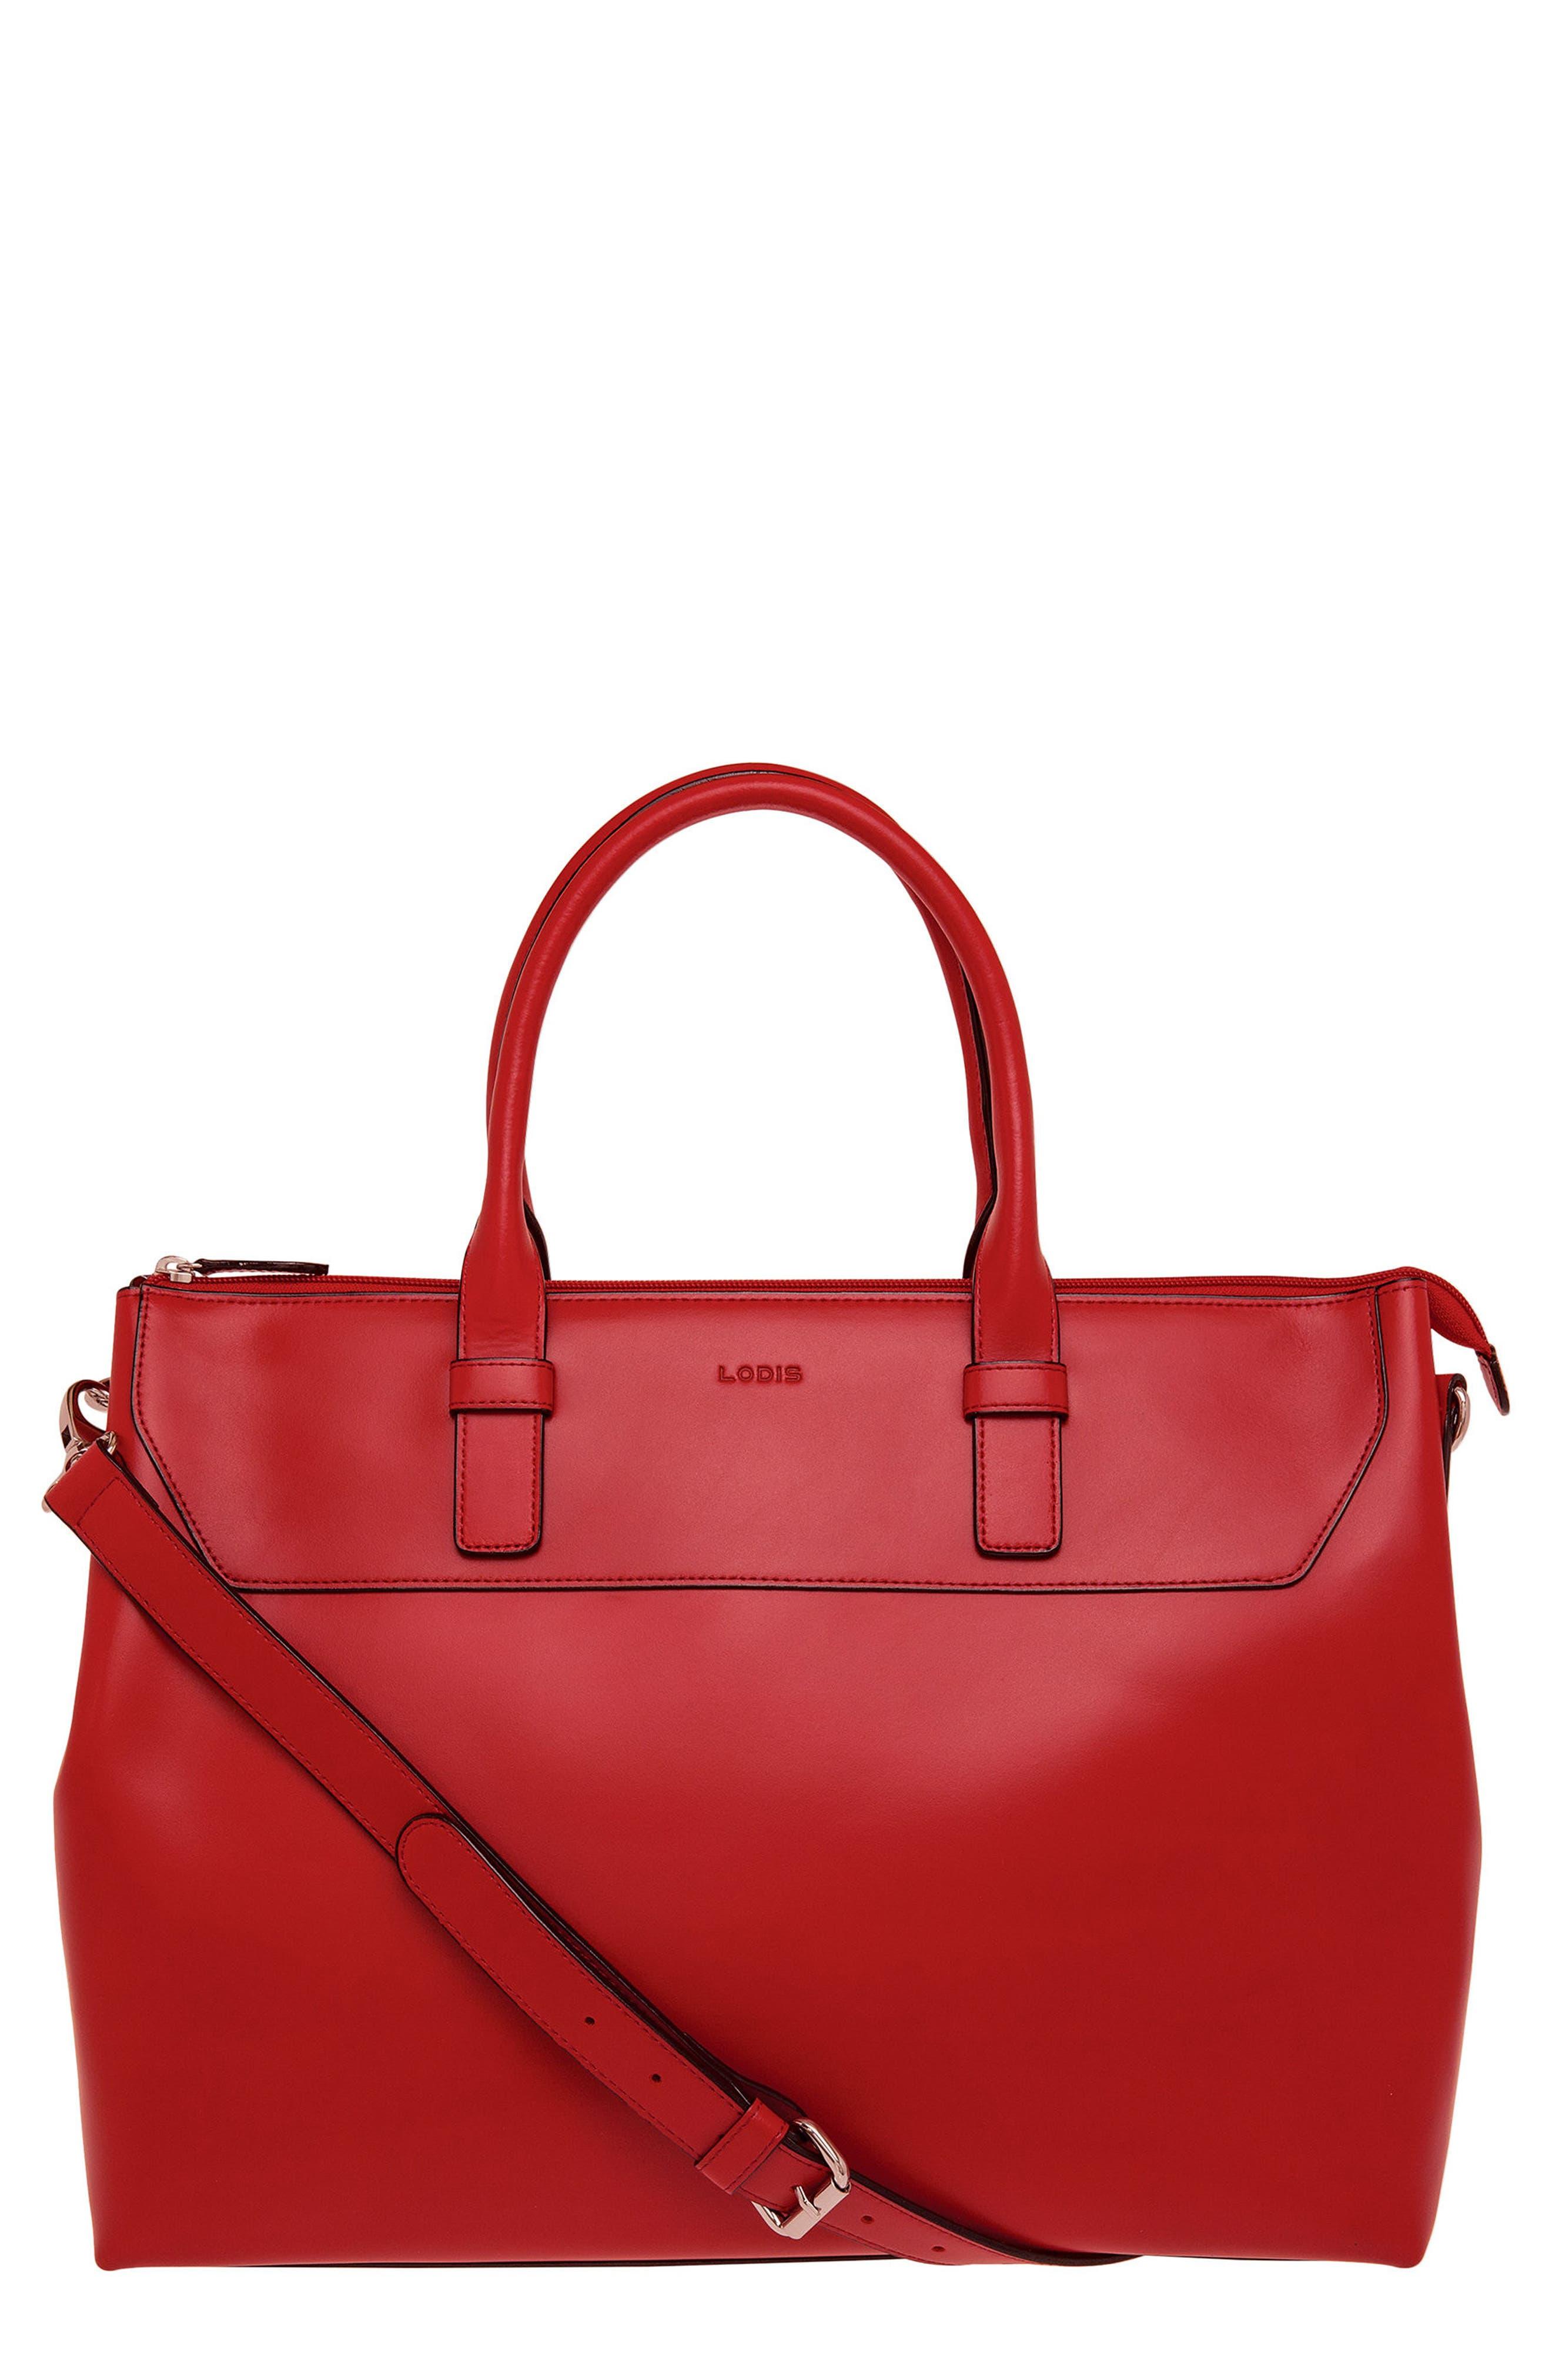 Work Bags | Nordstrom